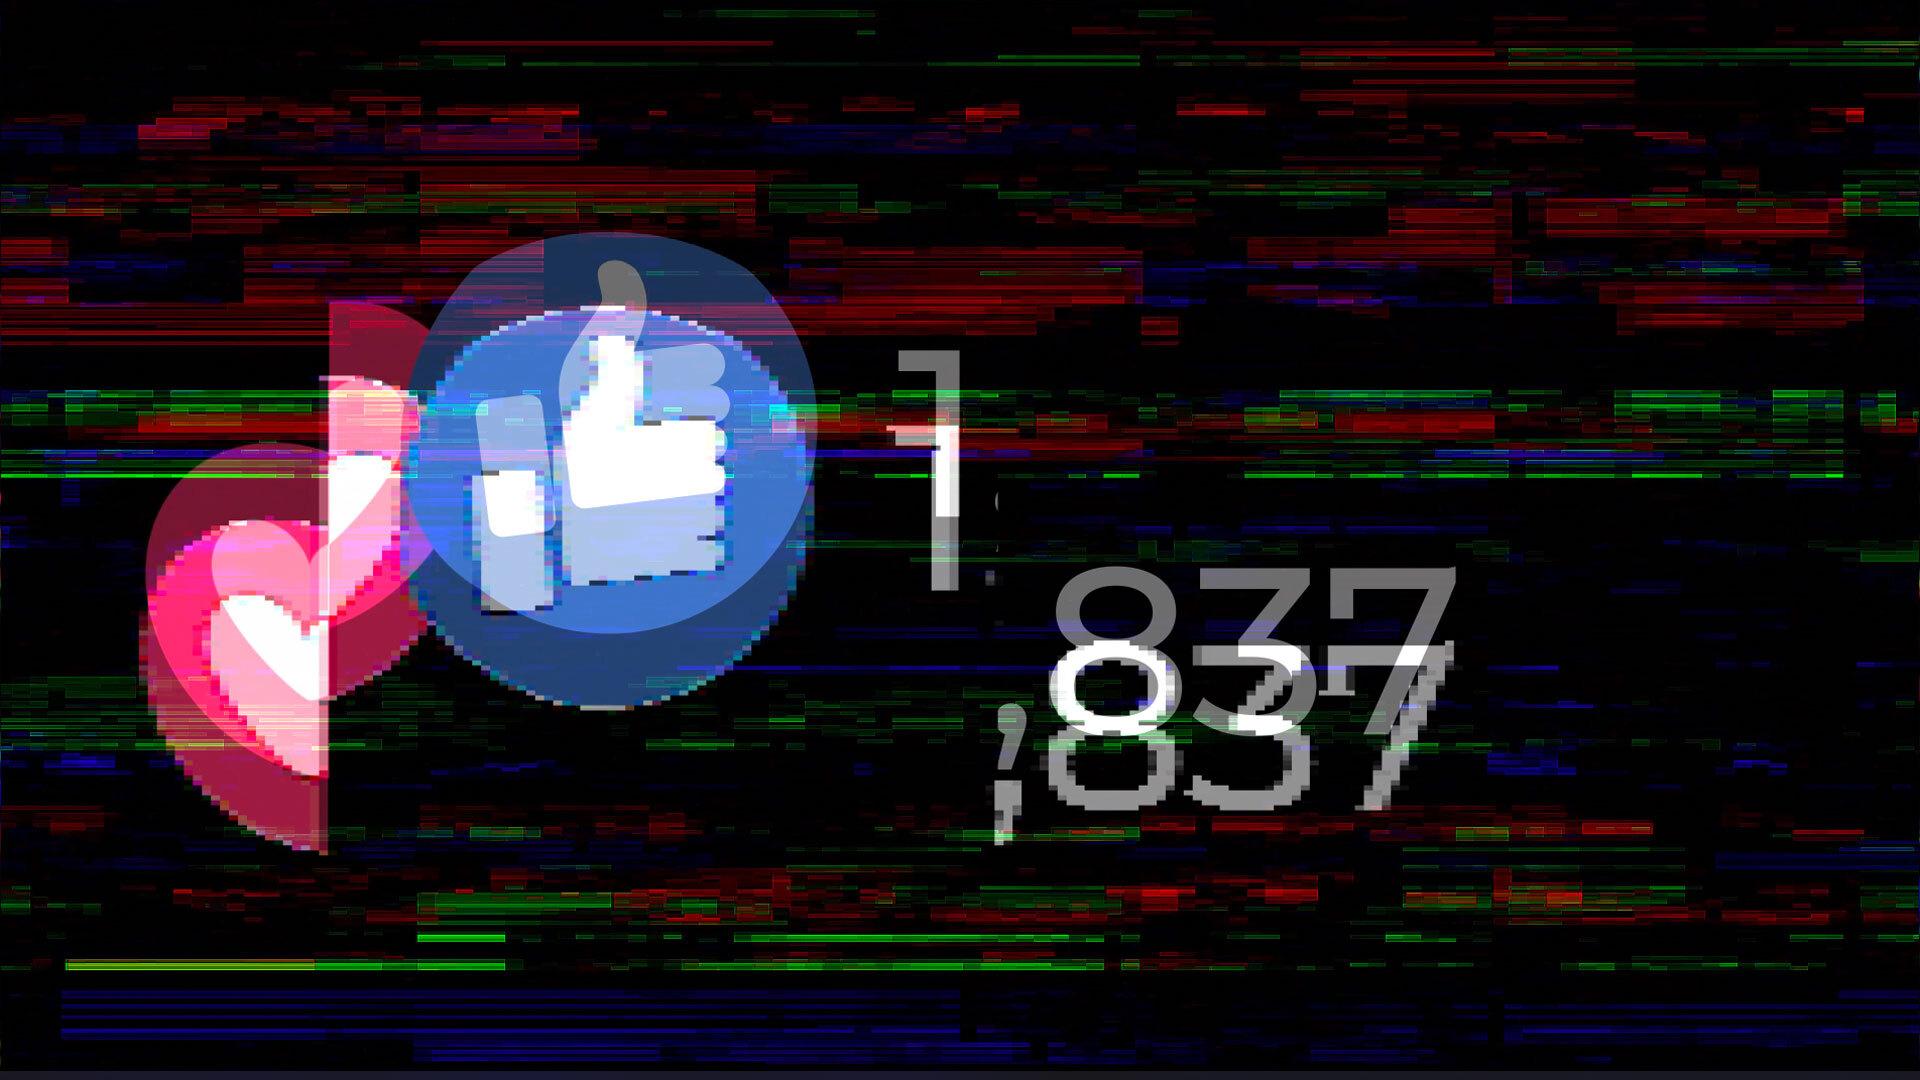 特報:内部文書で判明、 フェイスブックを汚染する 「トロールファーム」の実態